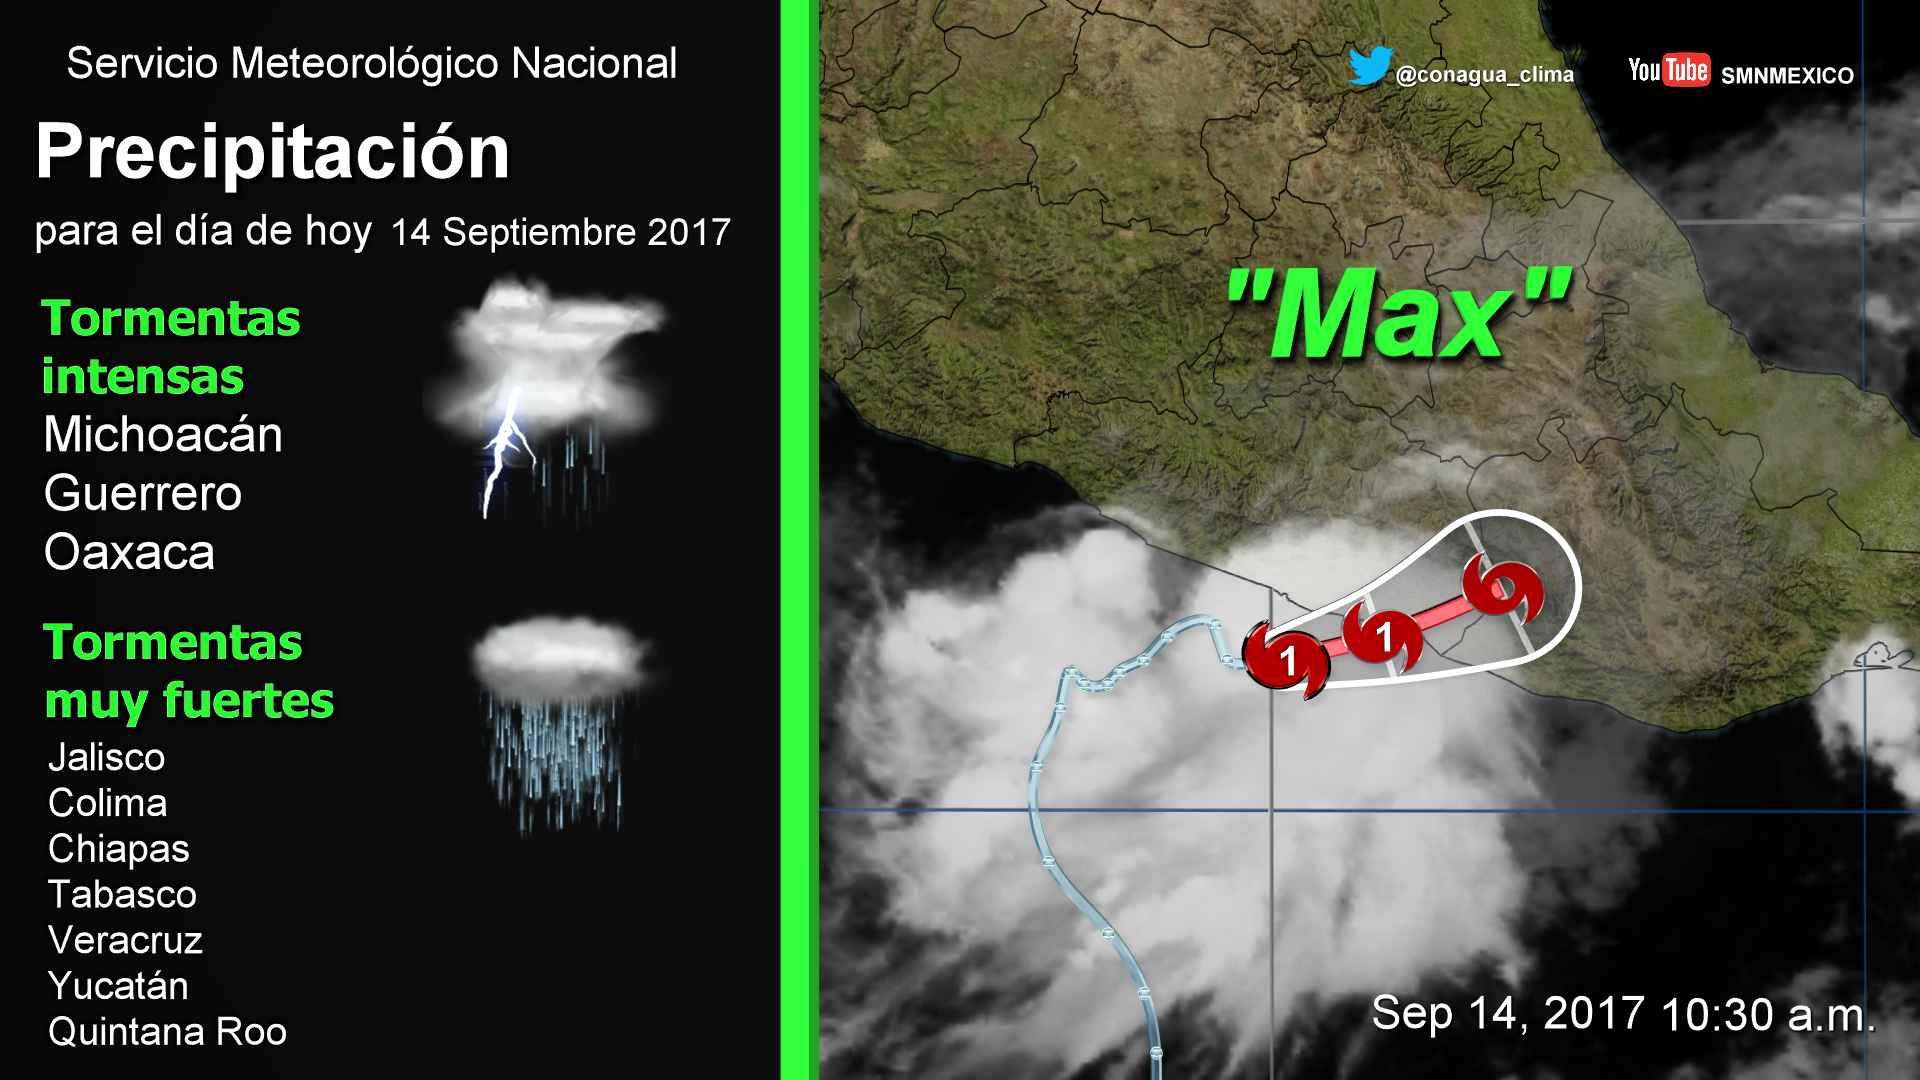 Prevalece el pronóstico de lluvias con intervalos de chubascos y heladas para Tlaxcala